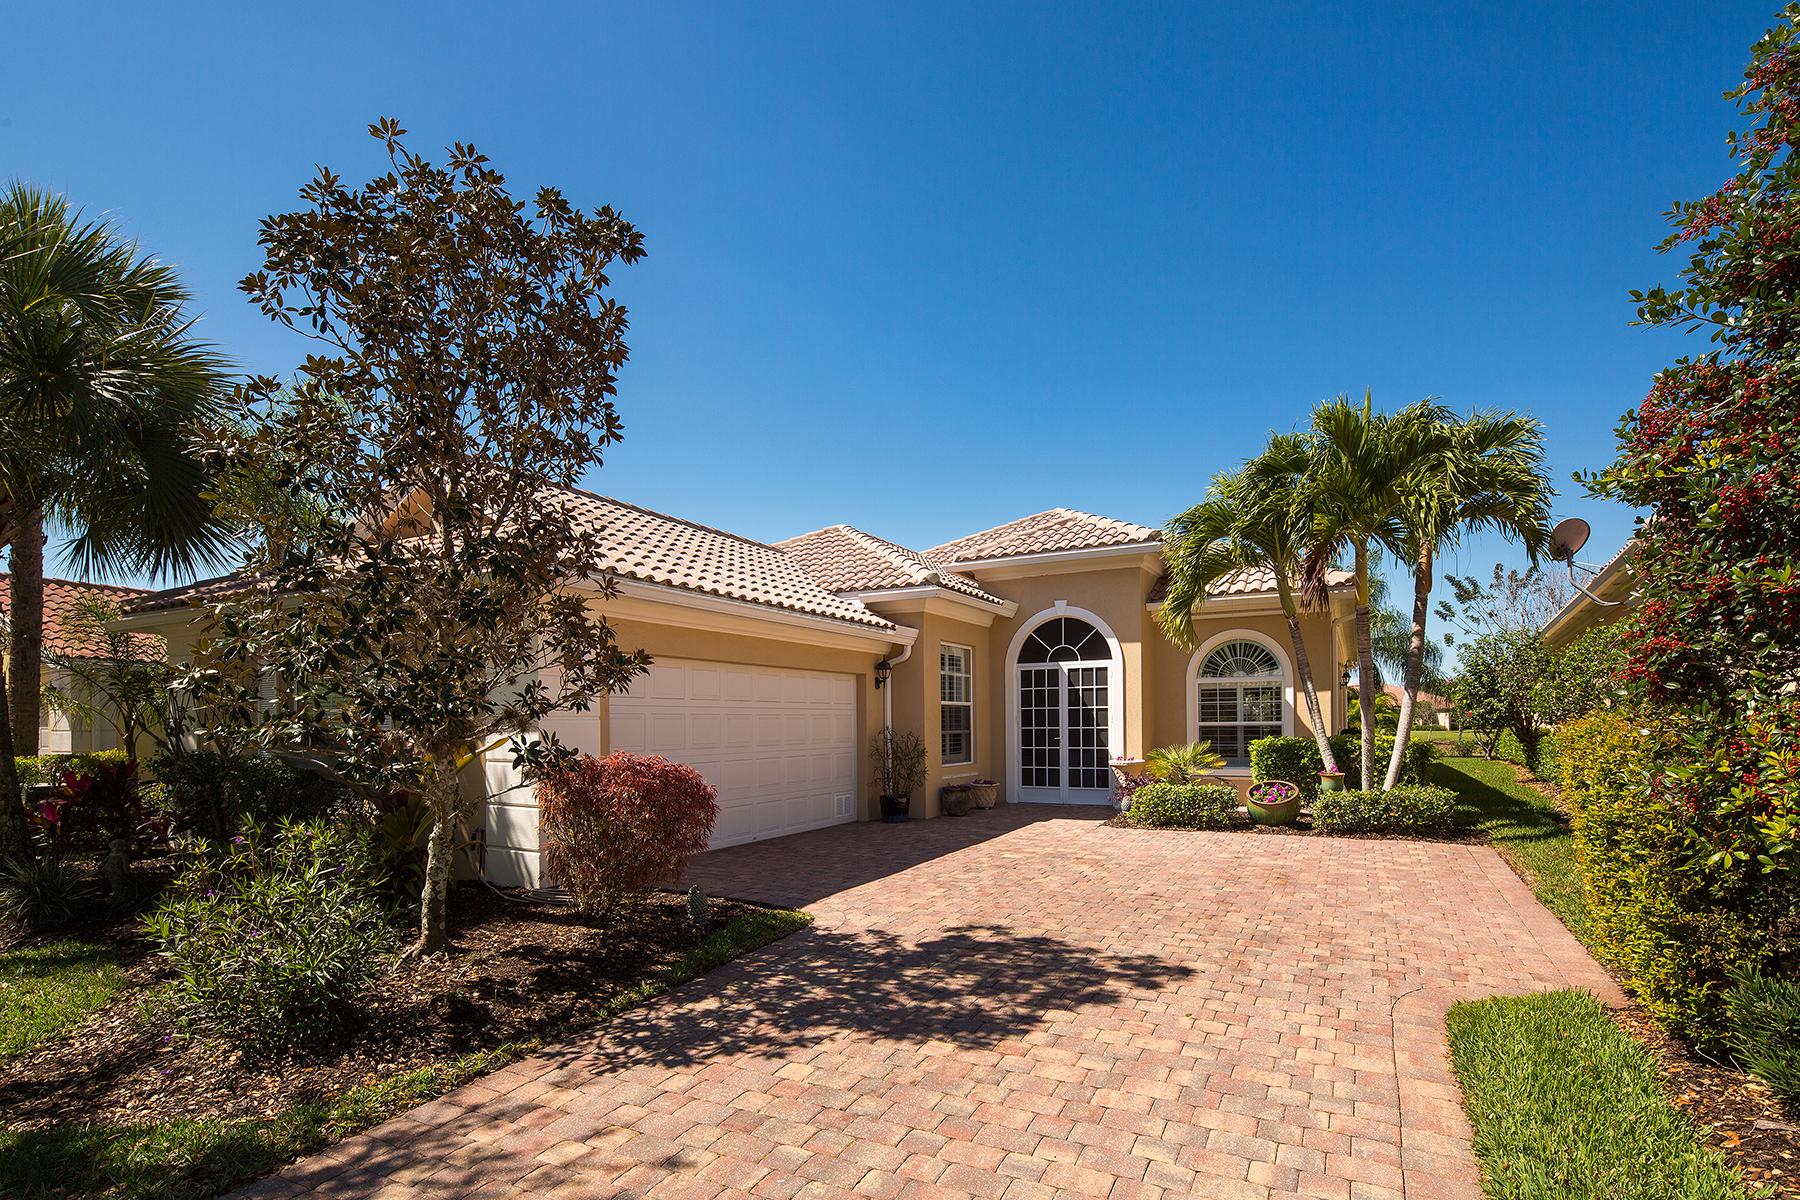 Casa Unifamiliar por un Venta en 28628 Wahoo Dr , Bonita Springs, FL 34135 28628 Wahoo Dr, Bonita Springs, Florida 34135 Estados Unidos